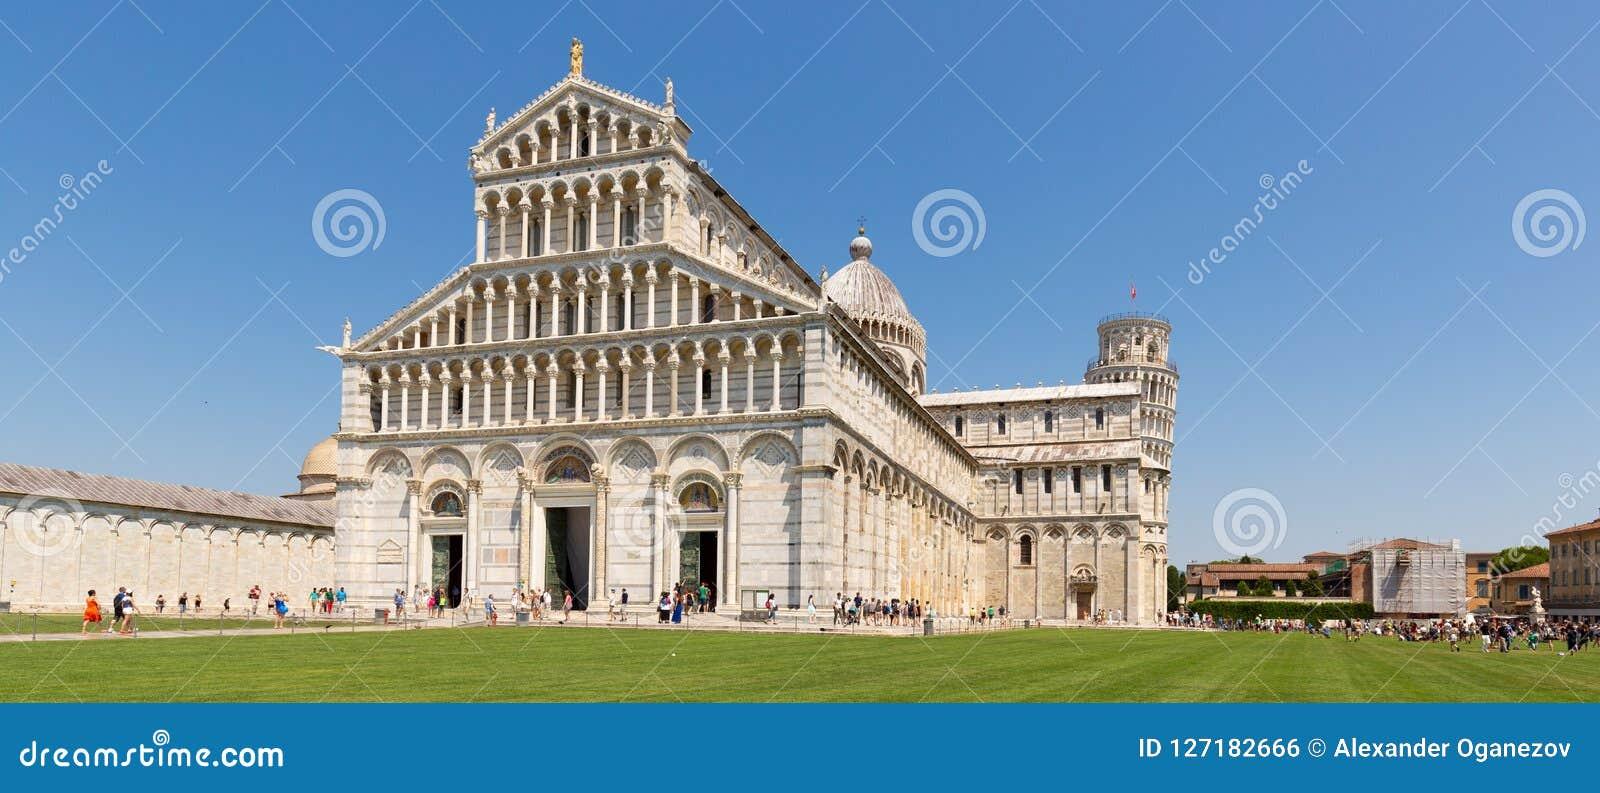 Kathedrale mit lehnendem Turm von Pisa